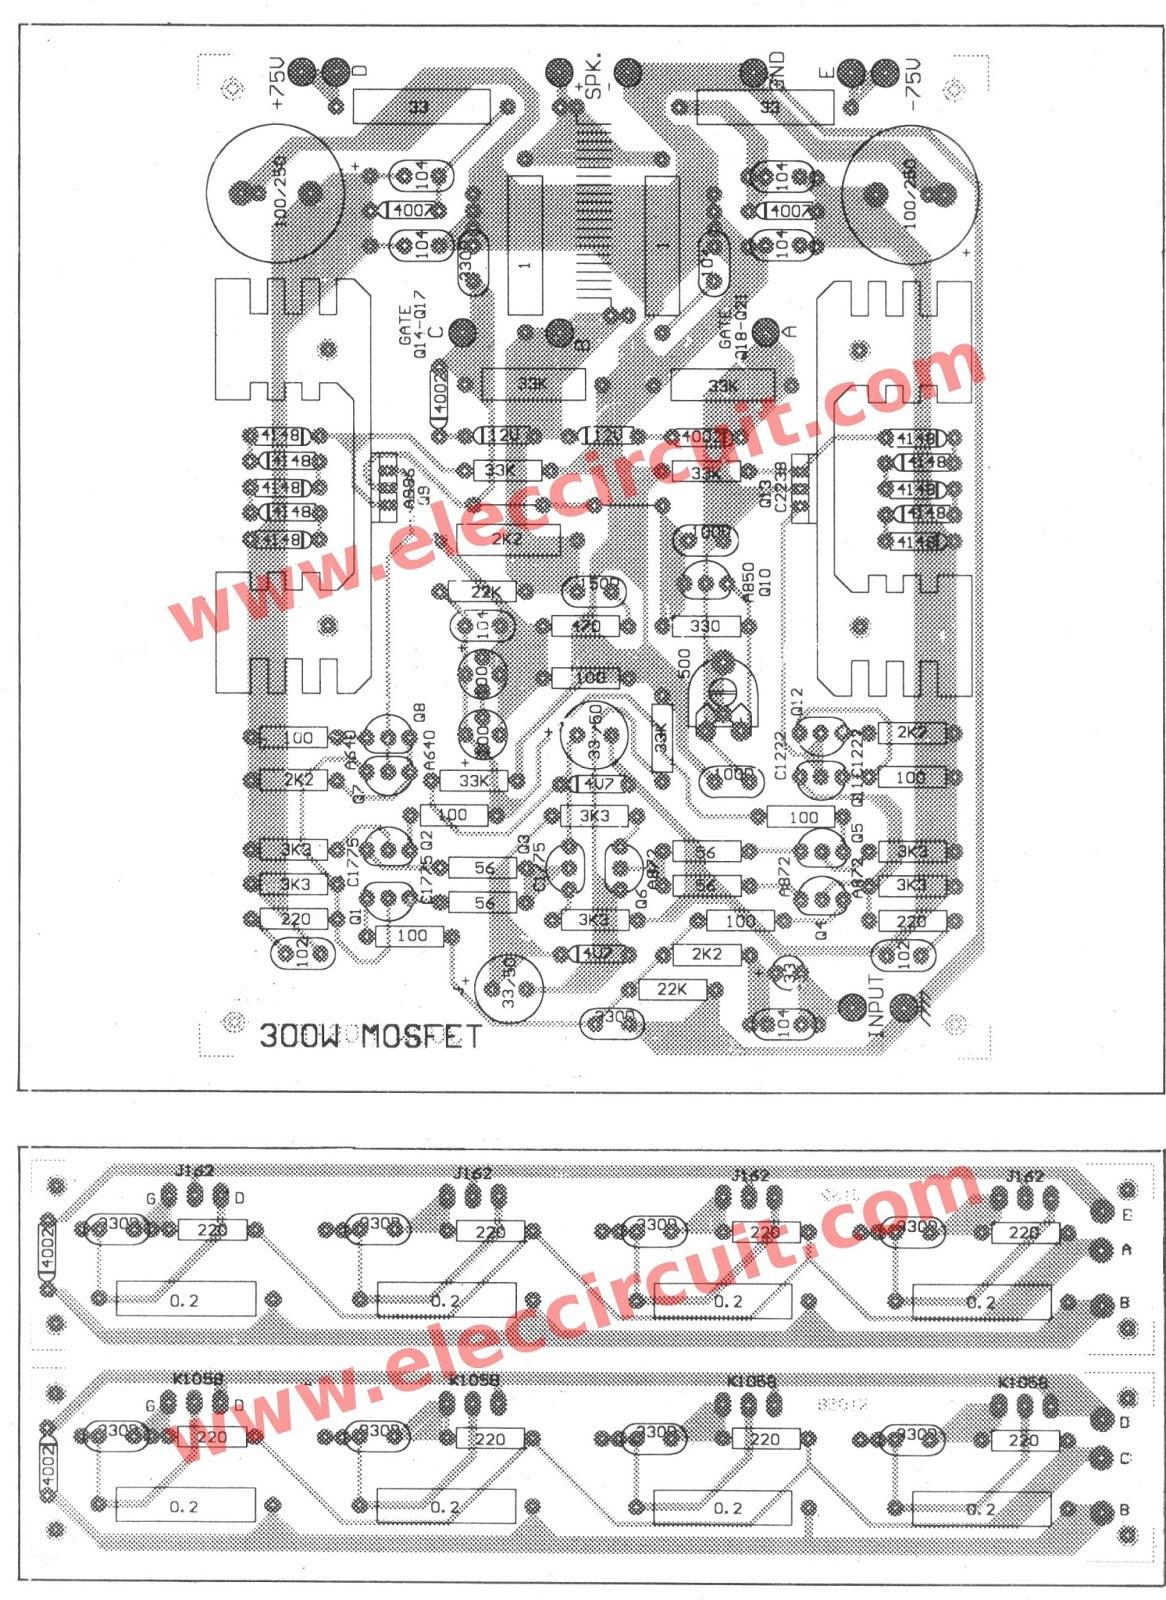 Belajar Electro 300 Watt Watt Mosfet Amplifier